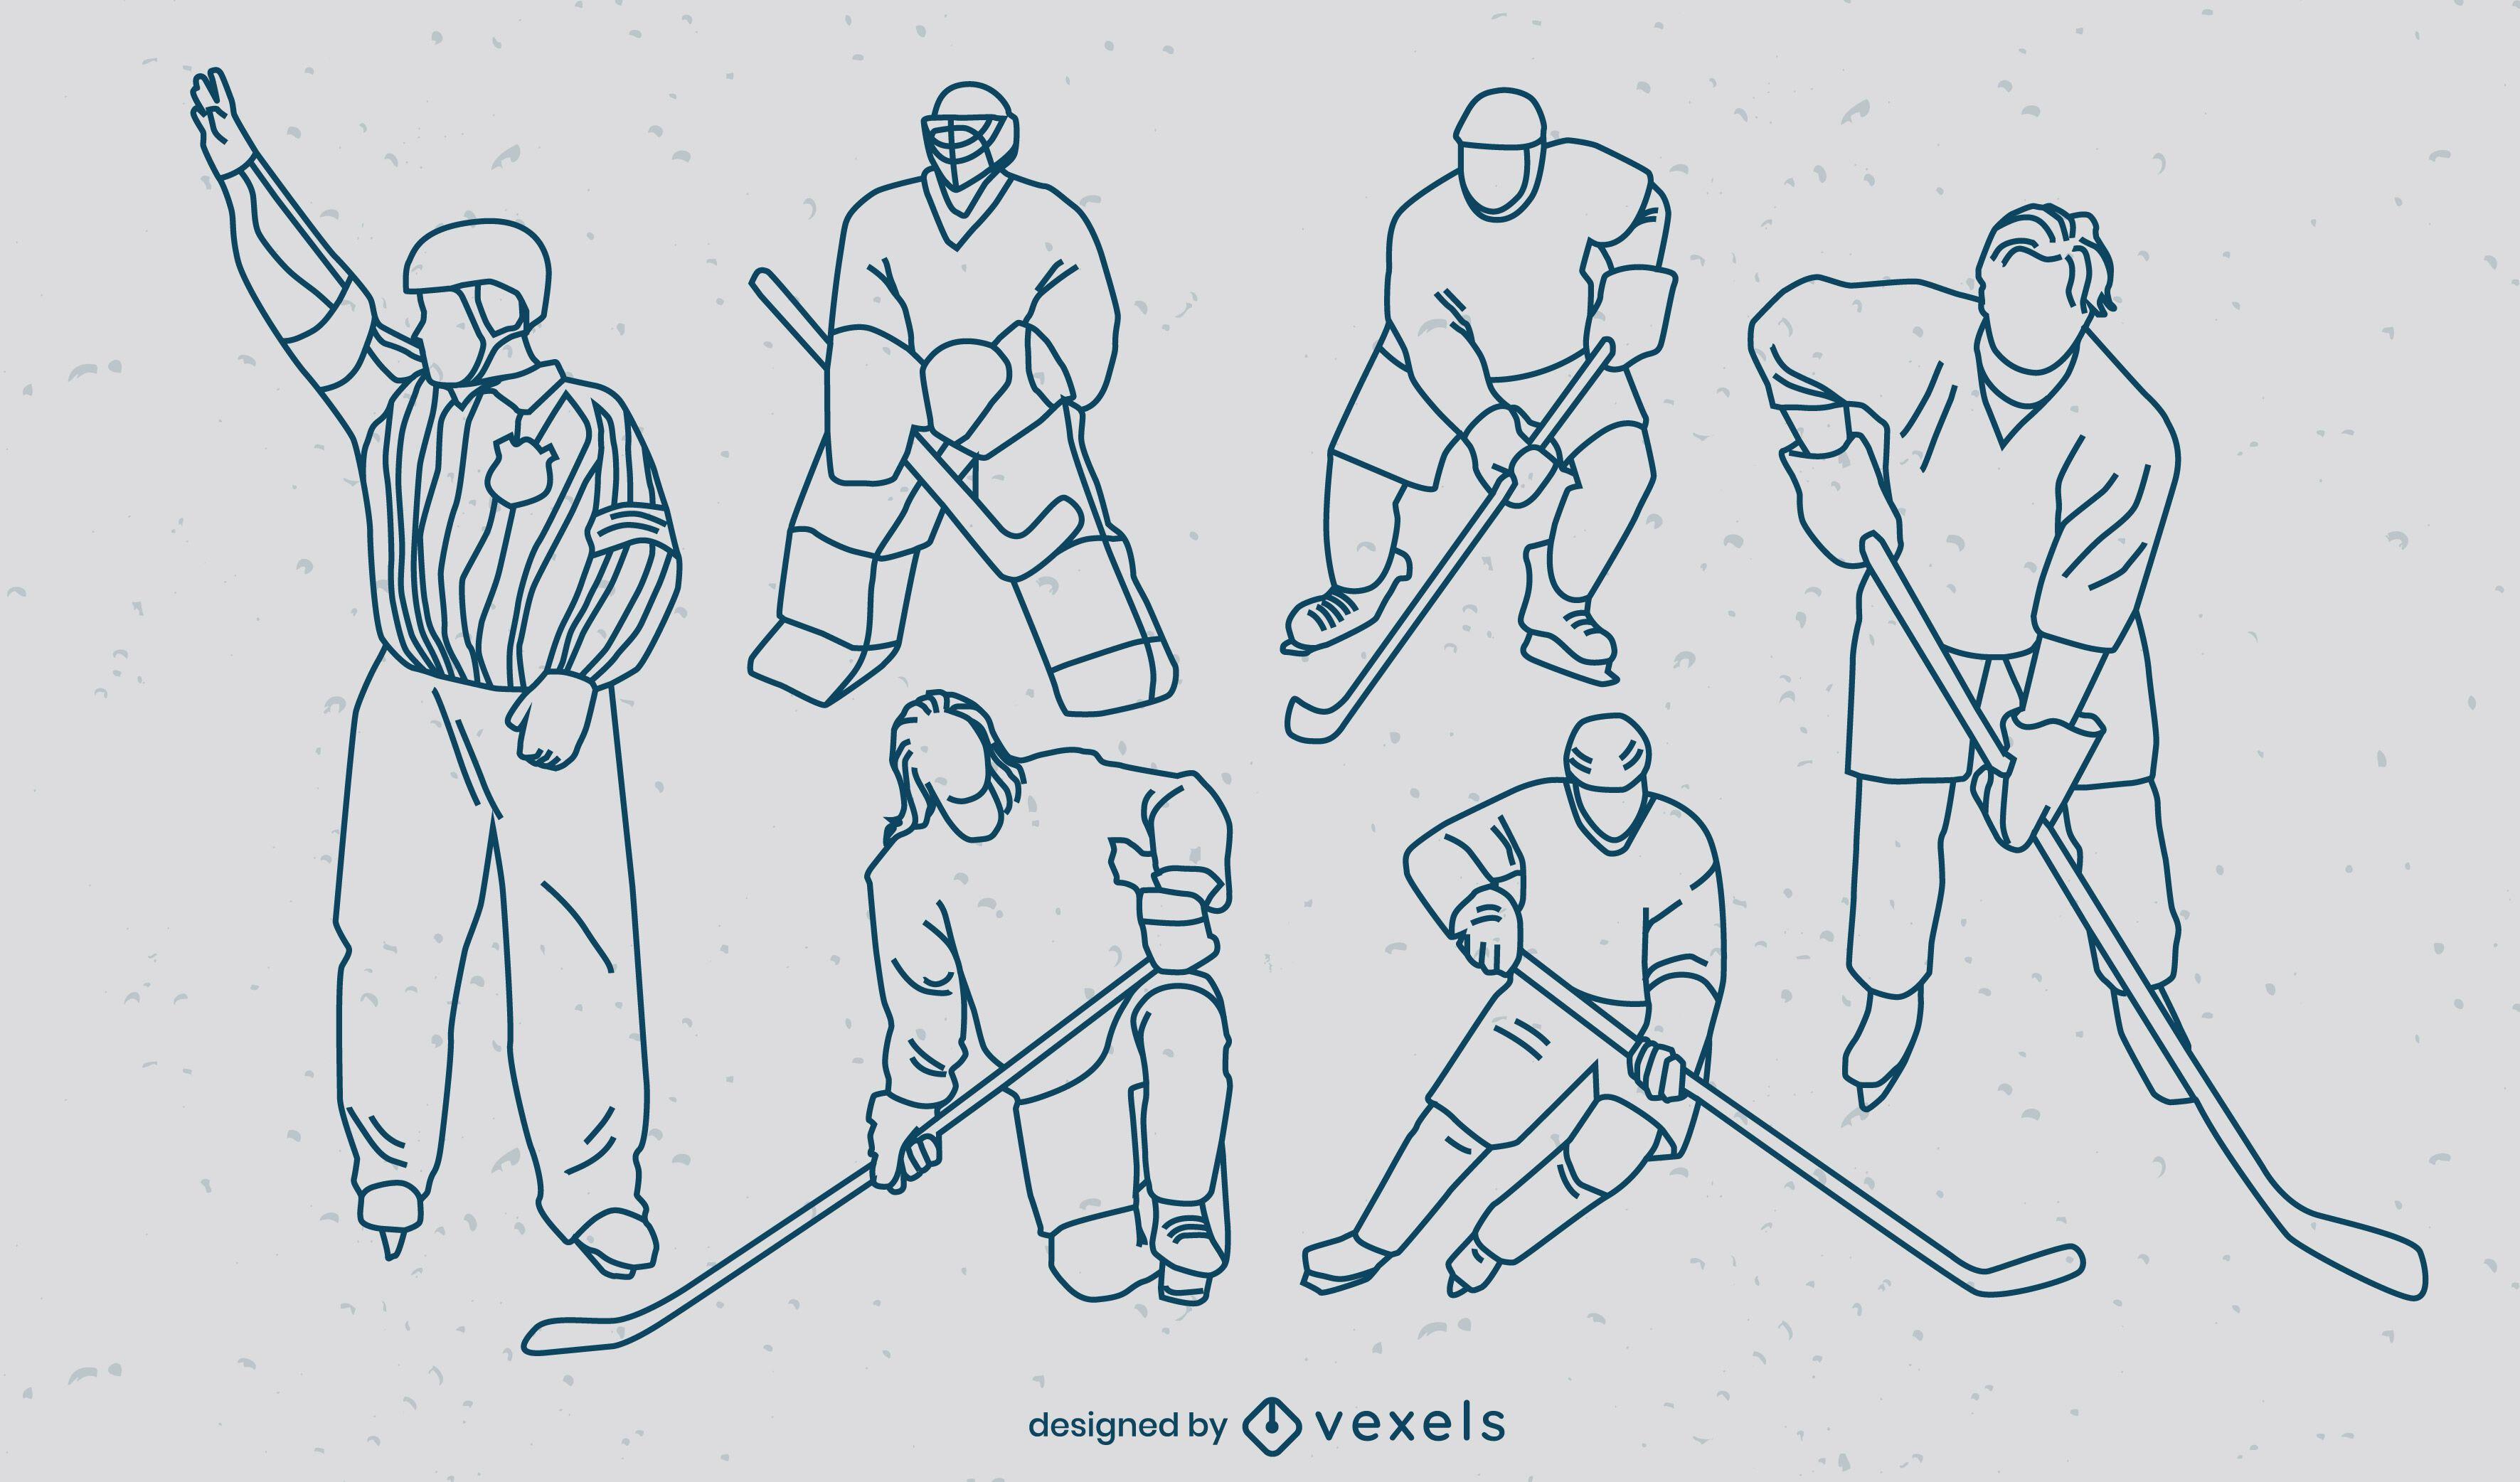 Los jugadores de hockey sobre hielo coinciden con el juego de trazos deportivos.